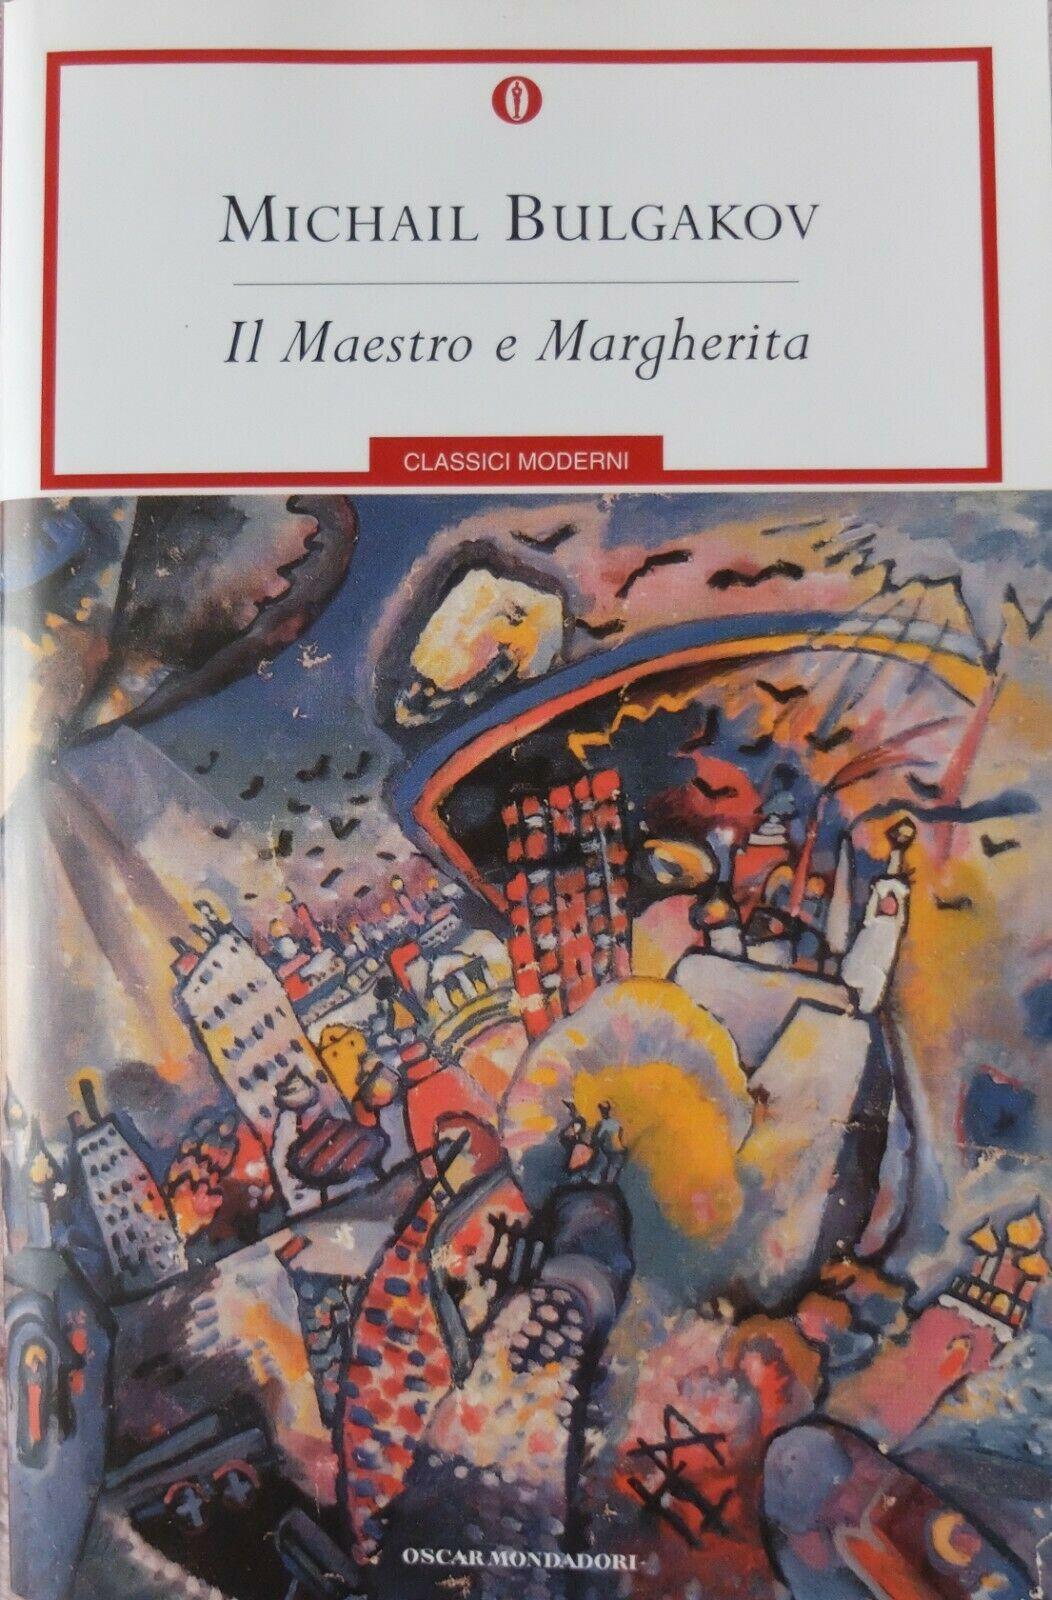 """Un'edizione degna di rilievo de """"Il Maestro e Margherita"""" di Michail Bulgakov al mercatino"""